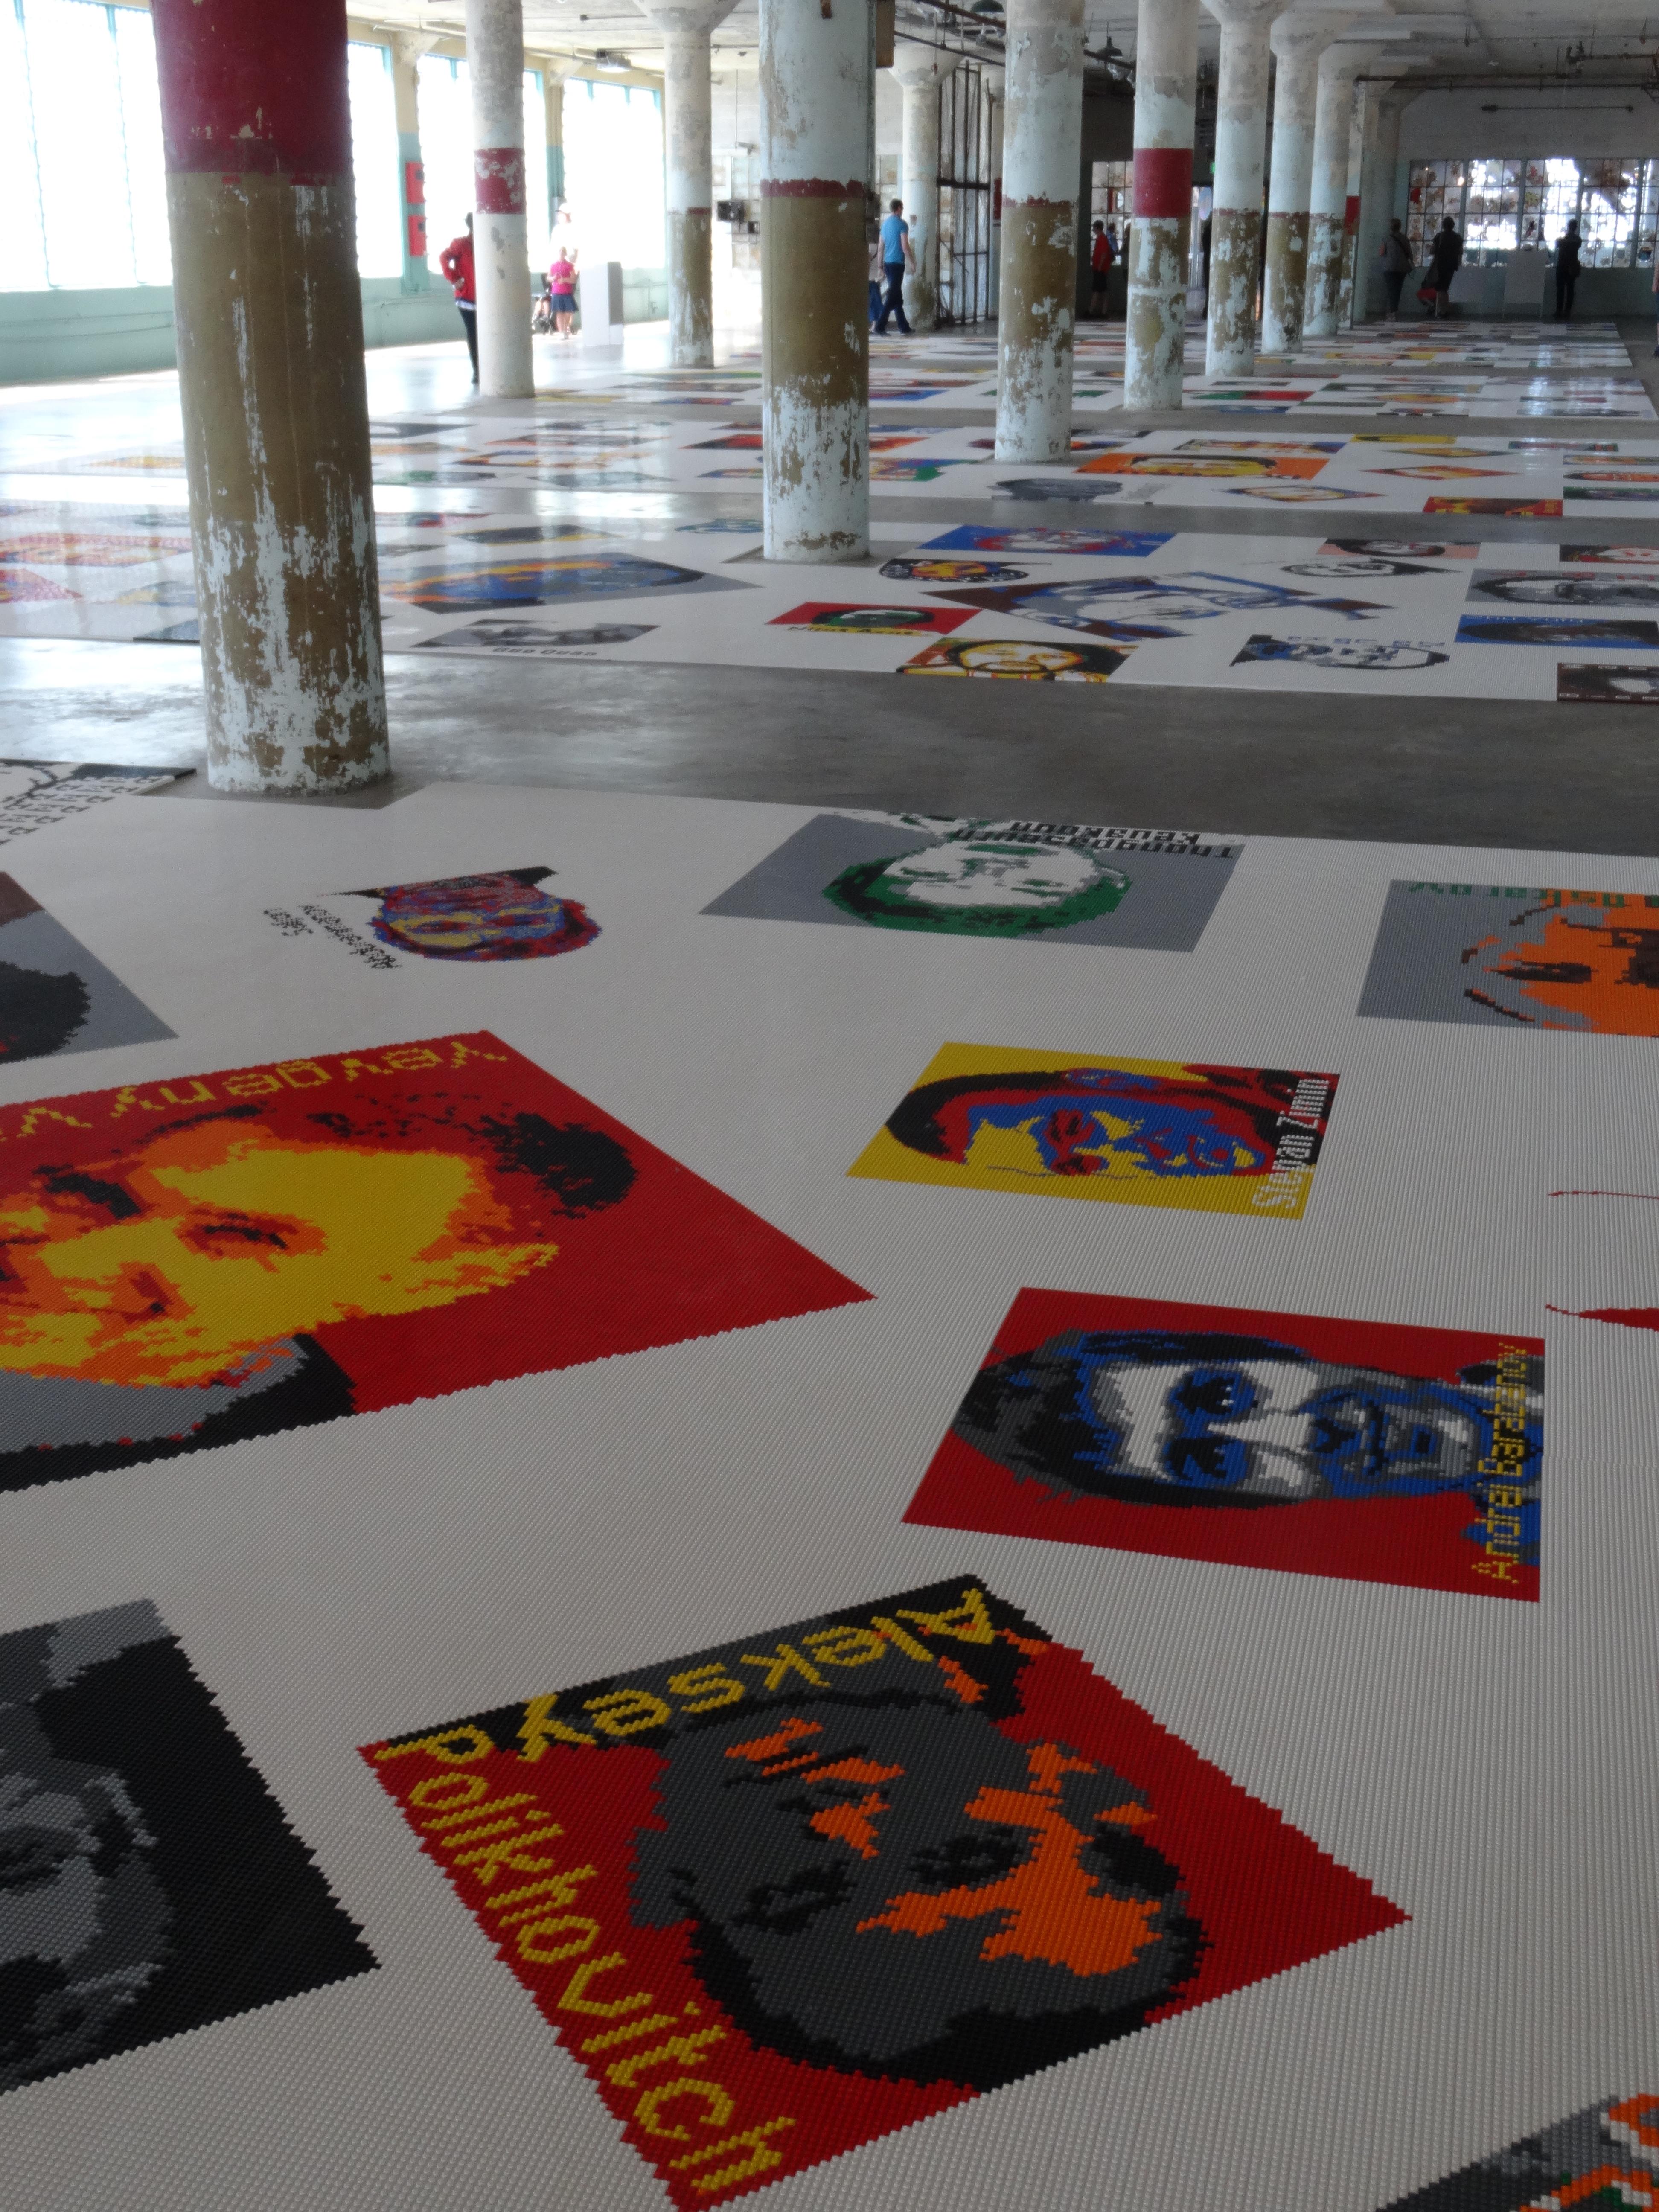 Weiwei @Large in Alcatraz 5